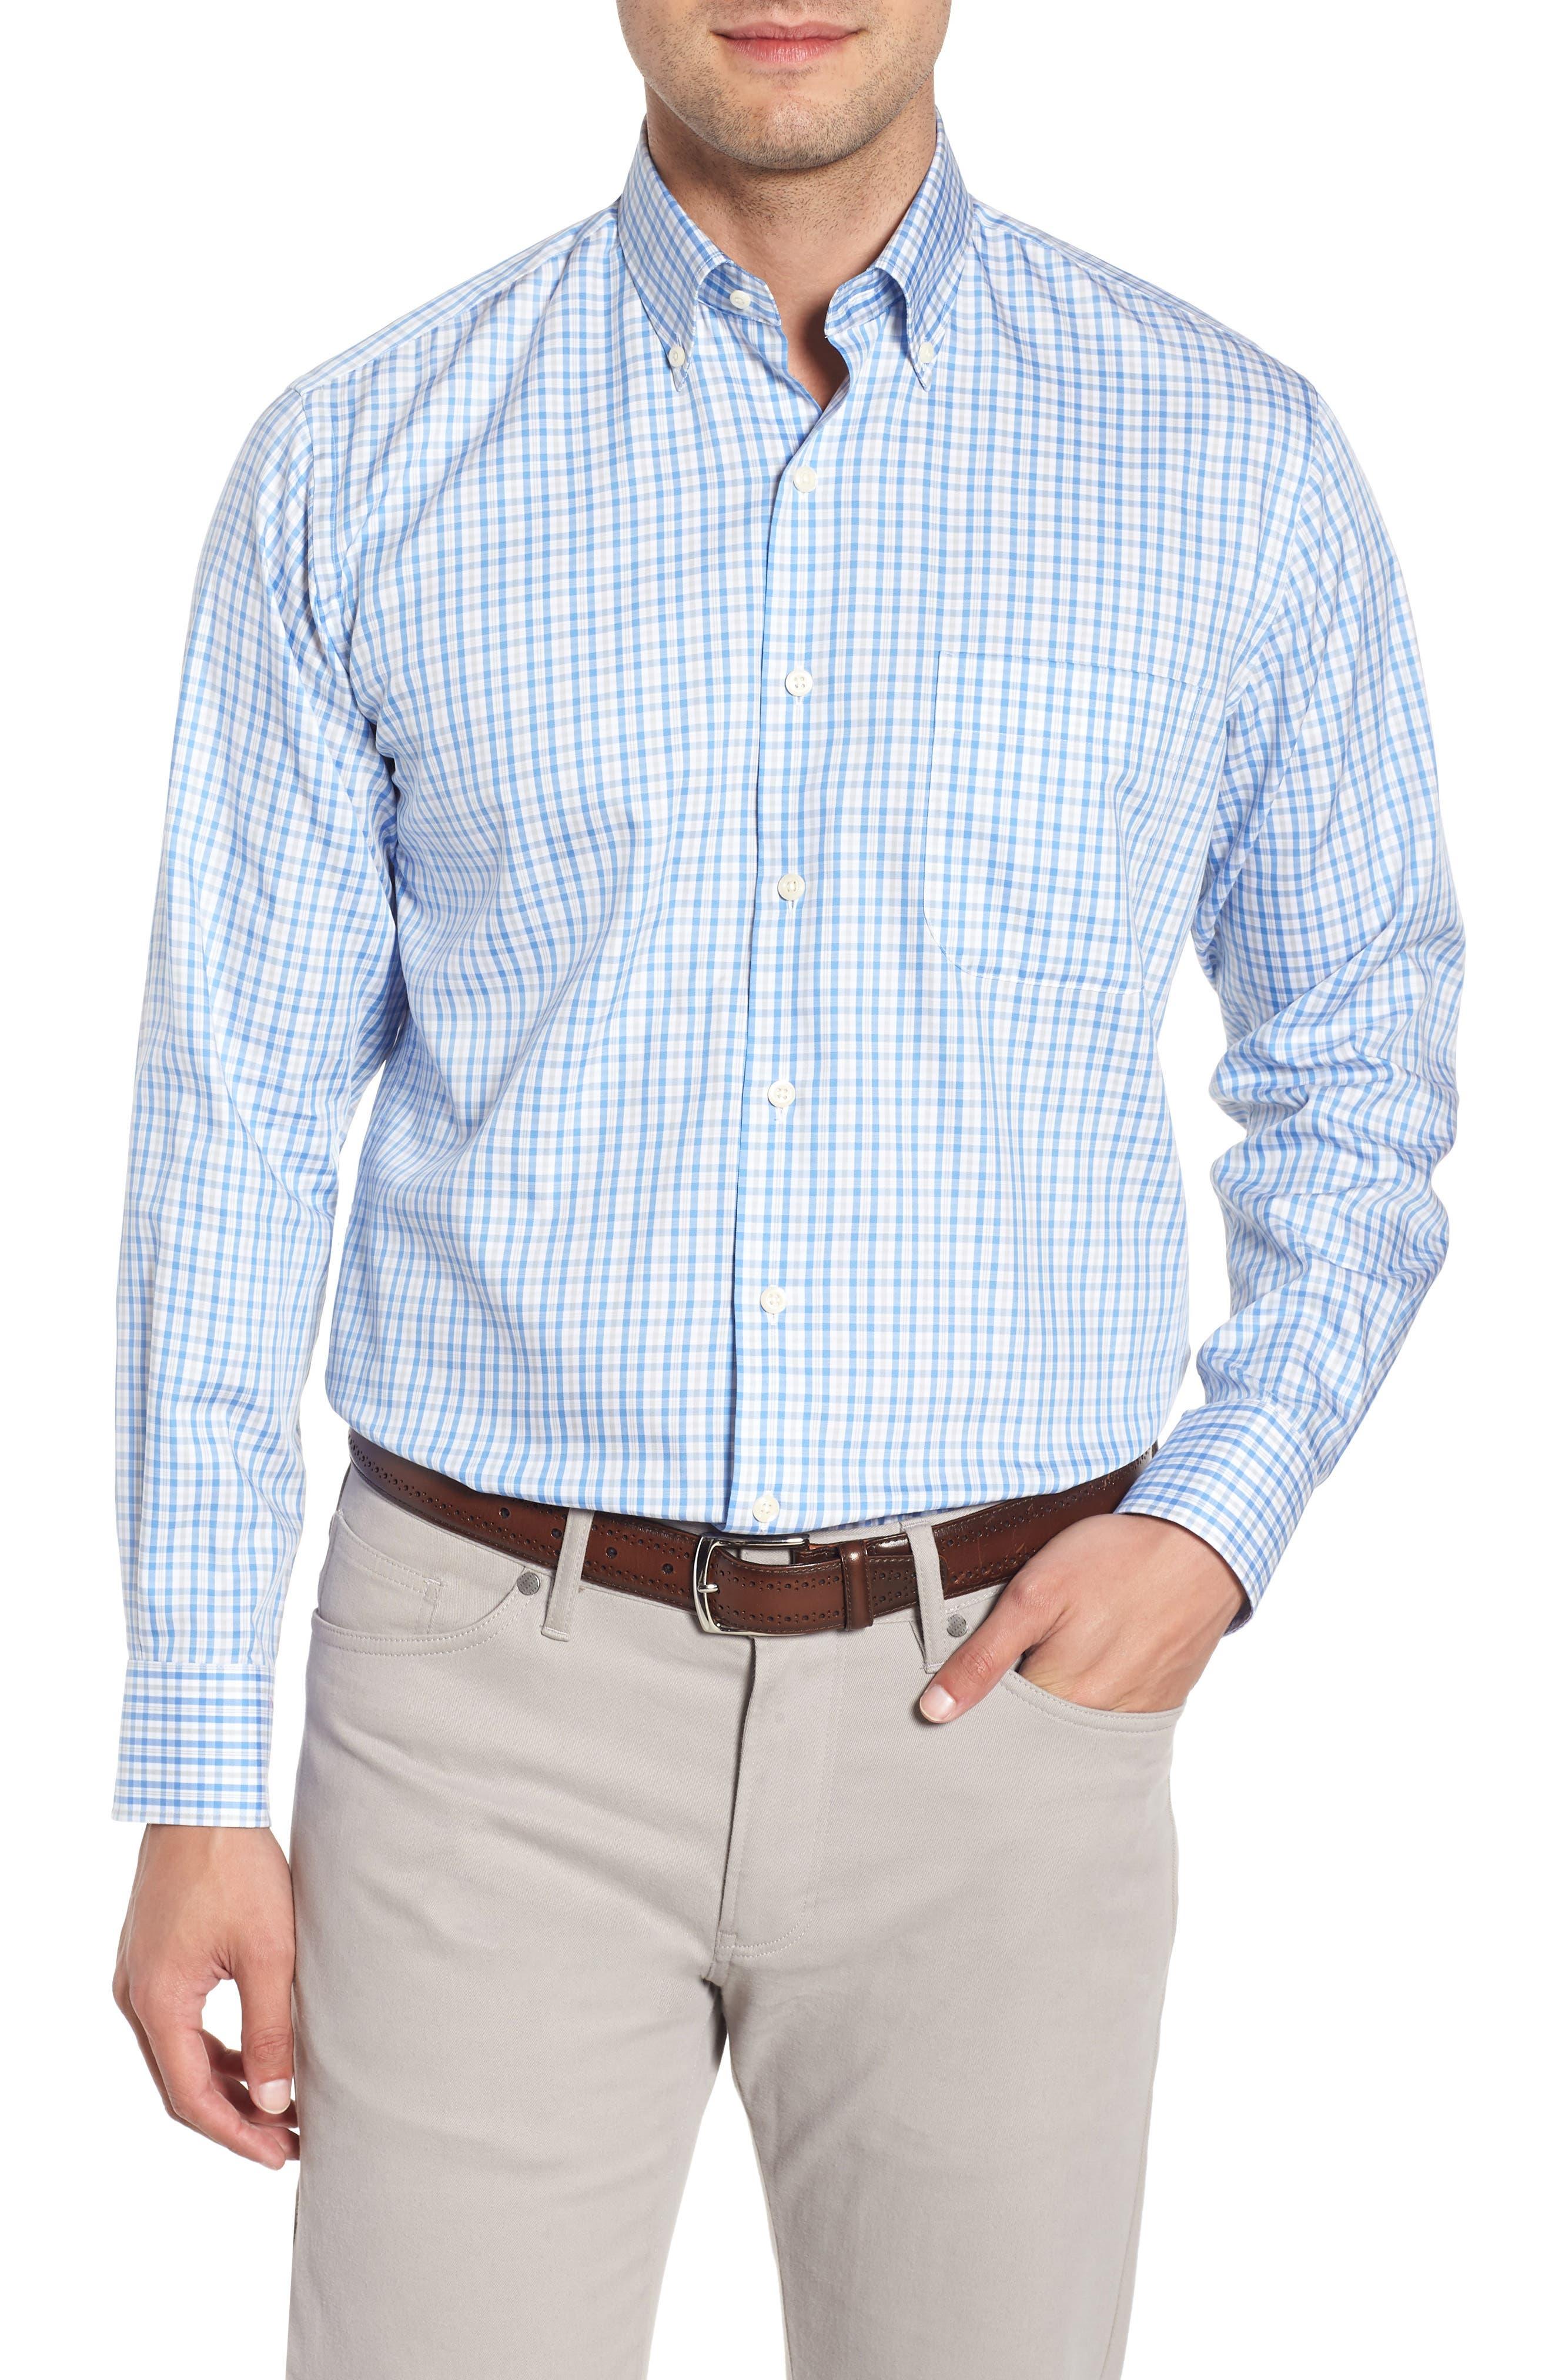 Crown Soft First Hill Plaid Sport Shirt,                             Main thumbnail 1, color,                             Marina Blue